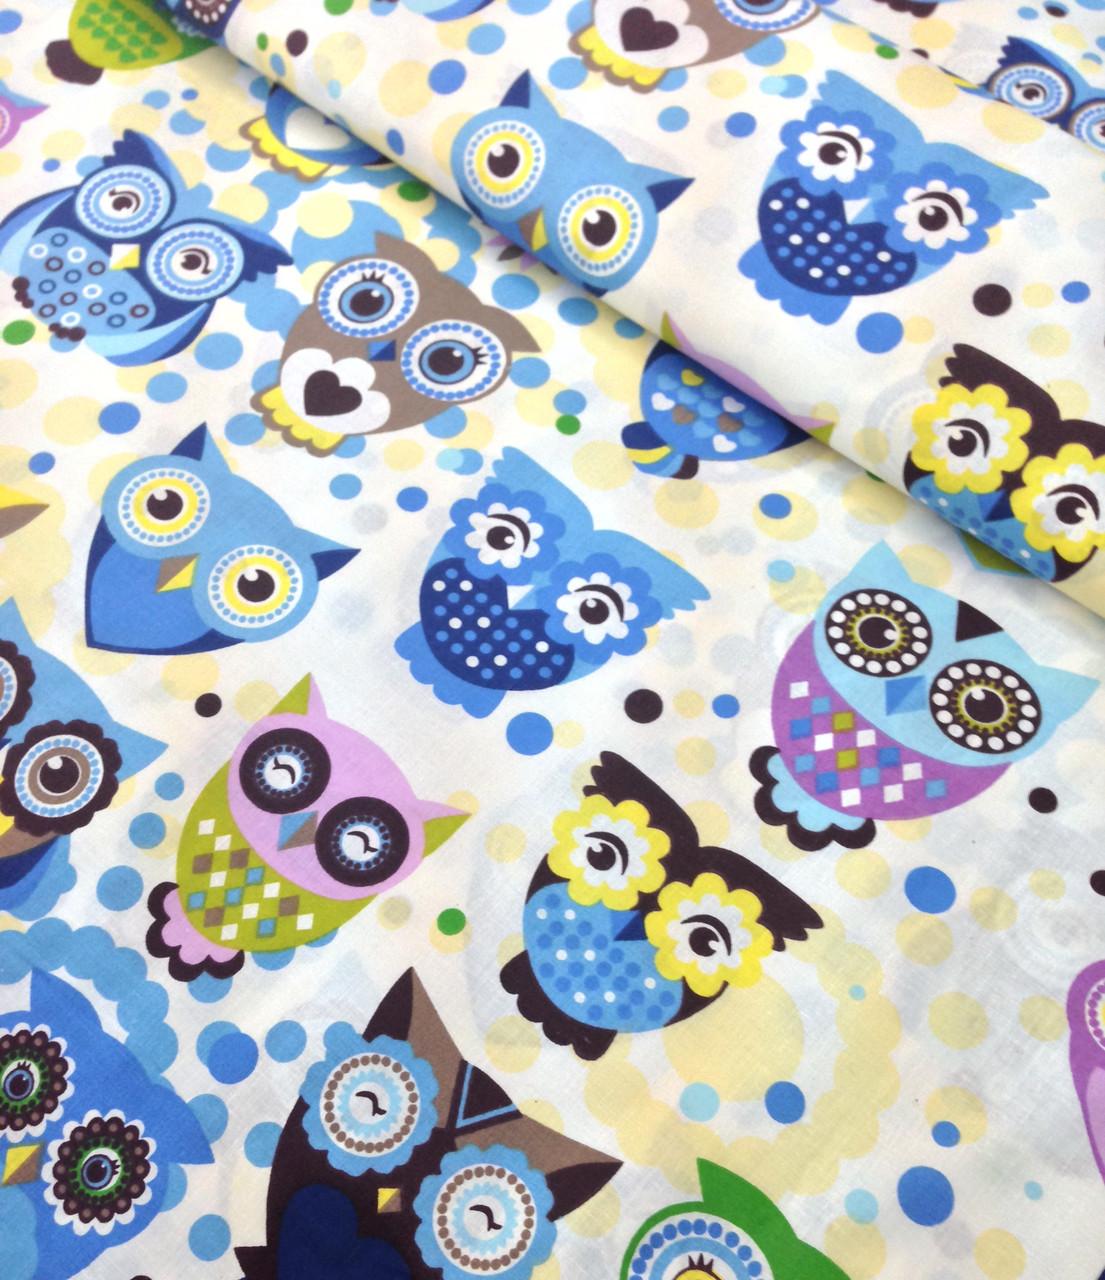 Бавовняна тканина польська з індійськими совами в блакитних тонах